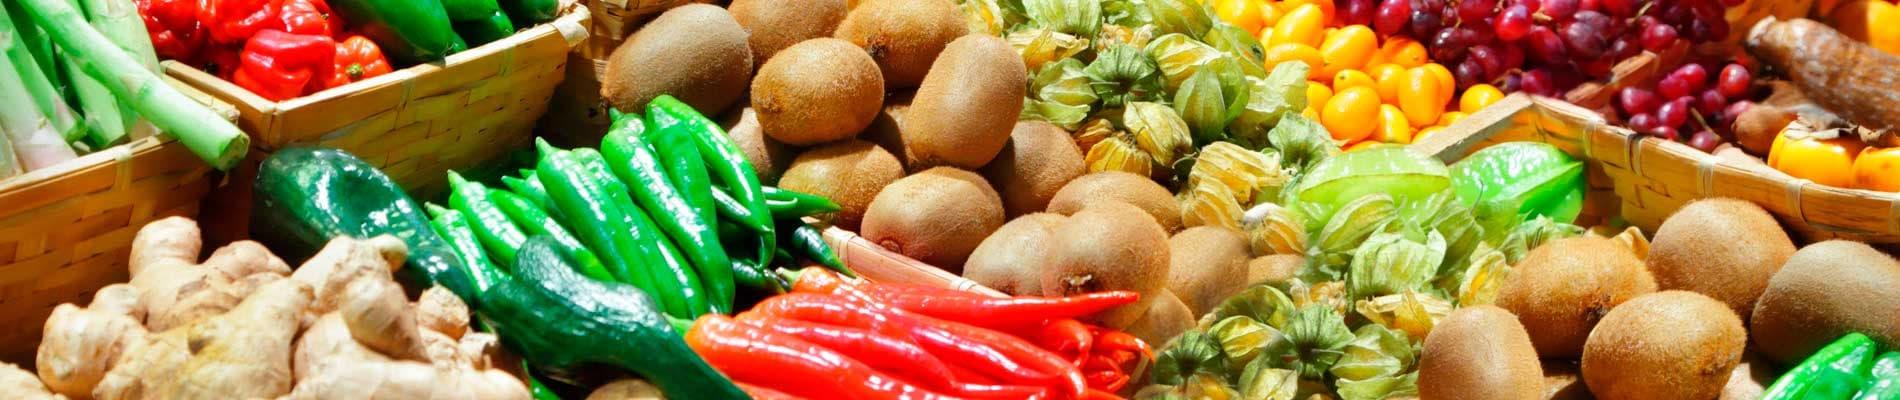 Aziende agricole e industrie alimentari